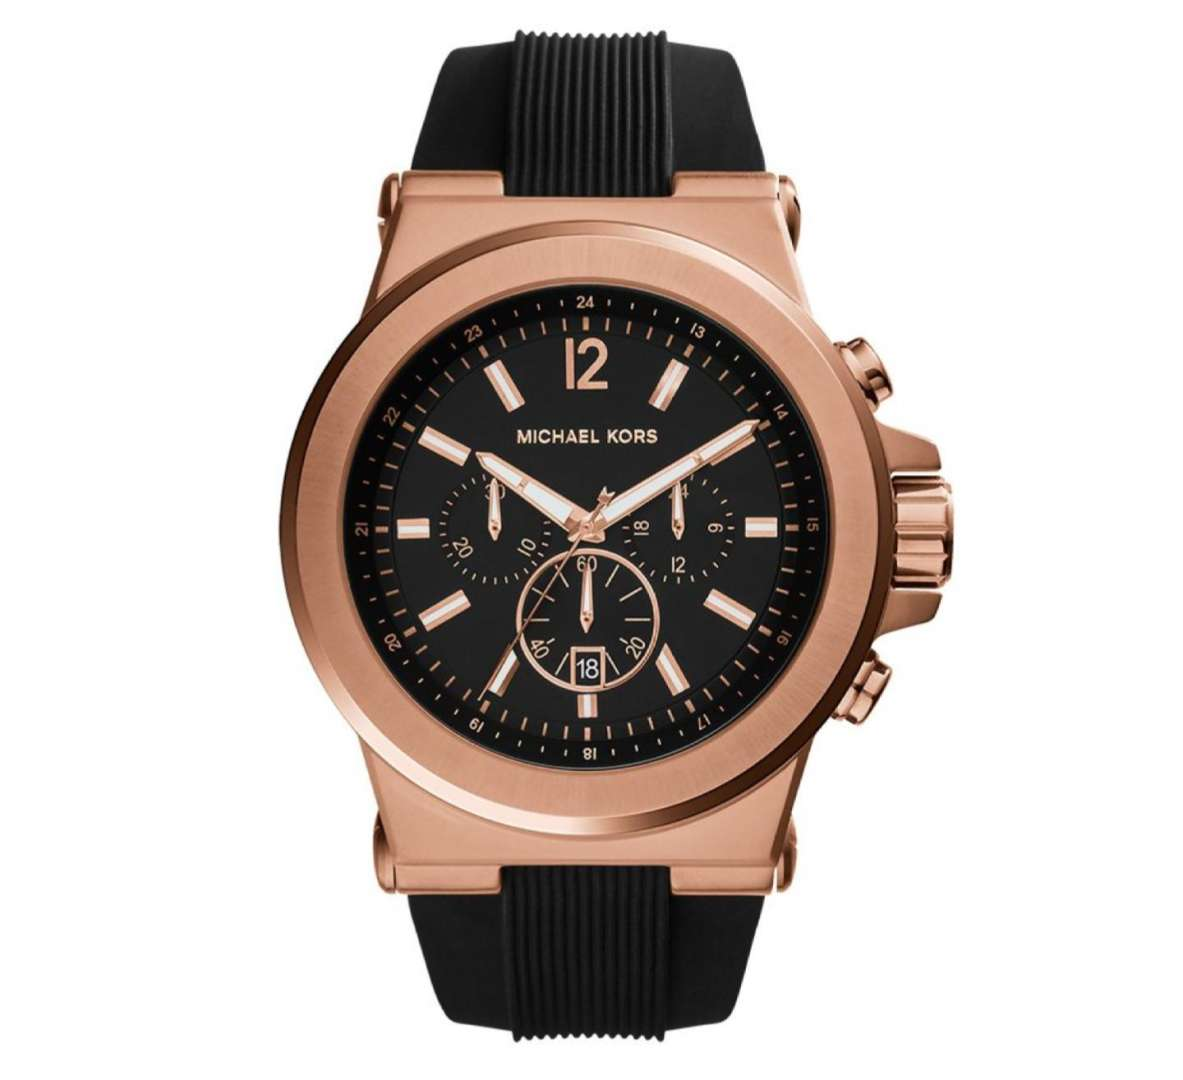 שעון יד אנלוגי לגבר michael kors mk8184 מייקל קורס